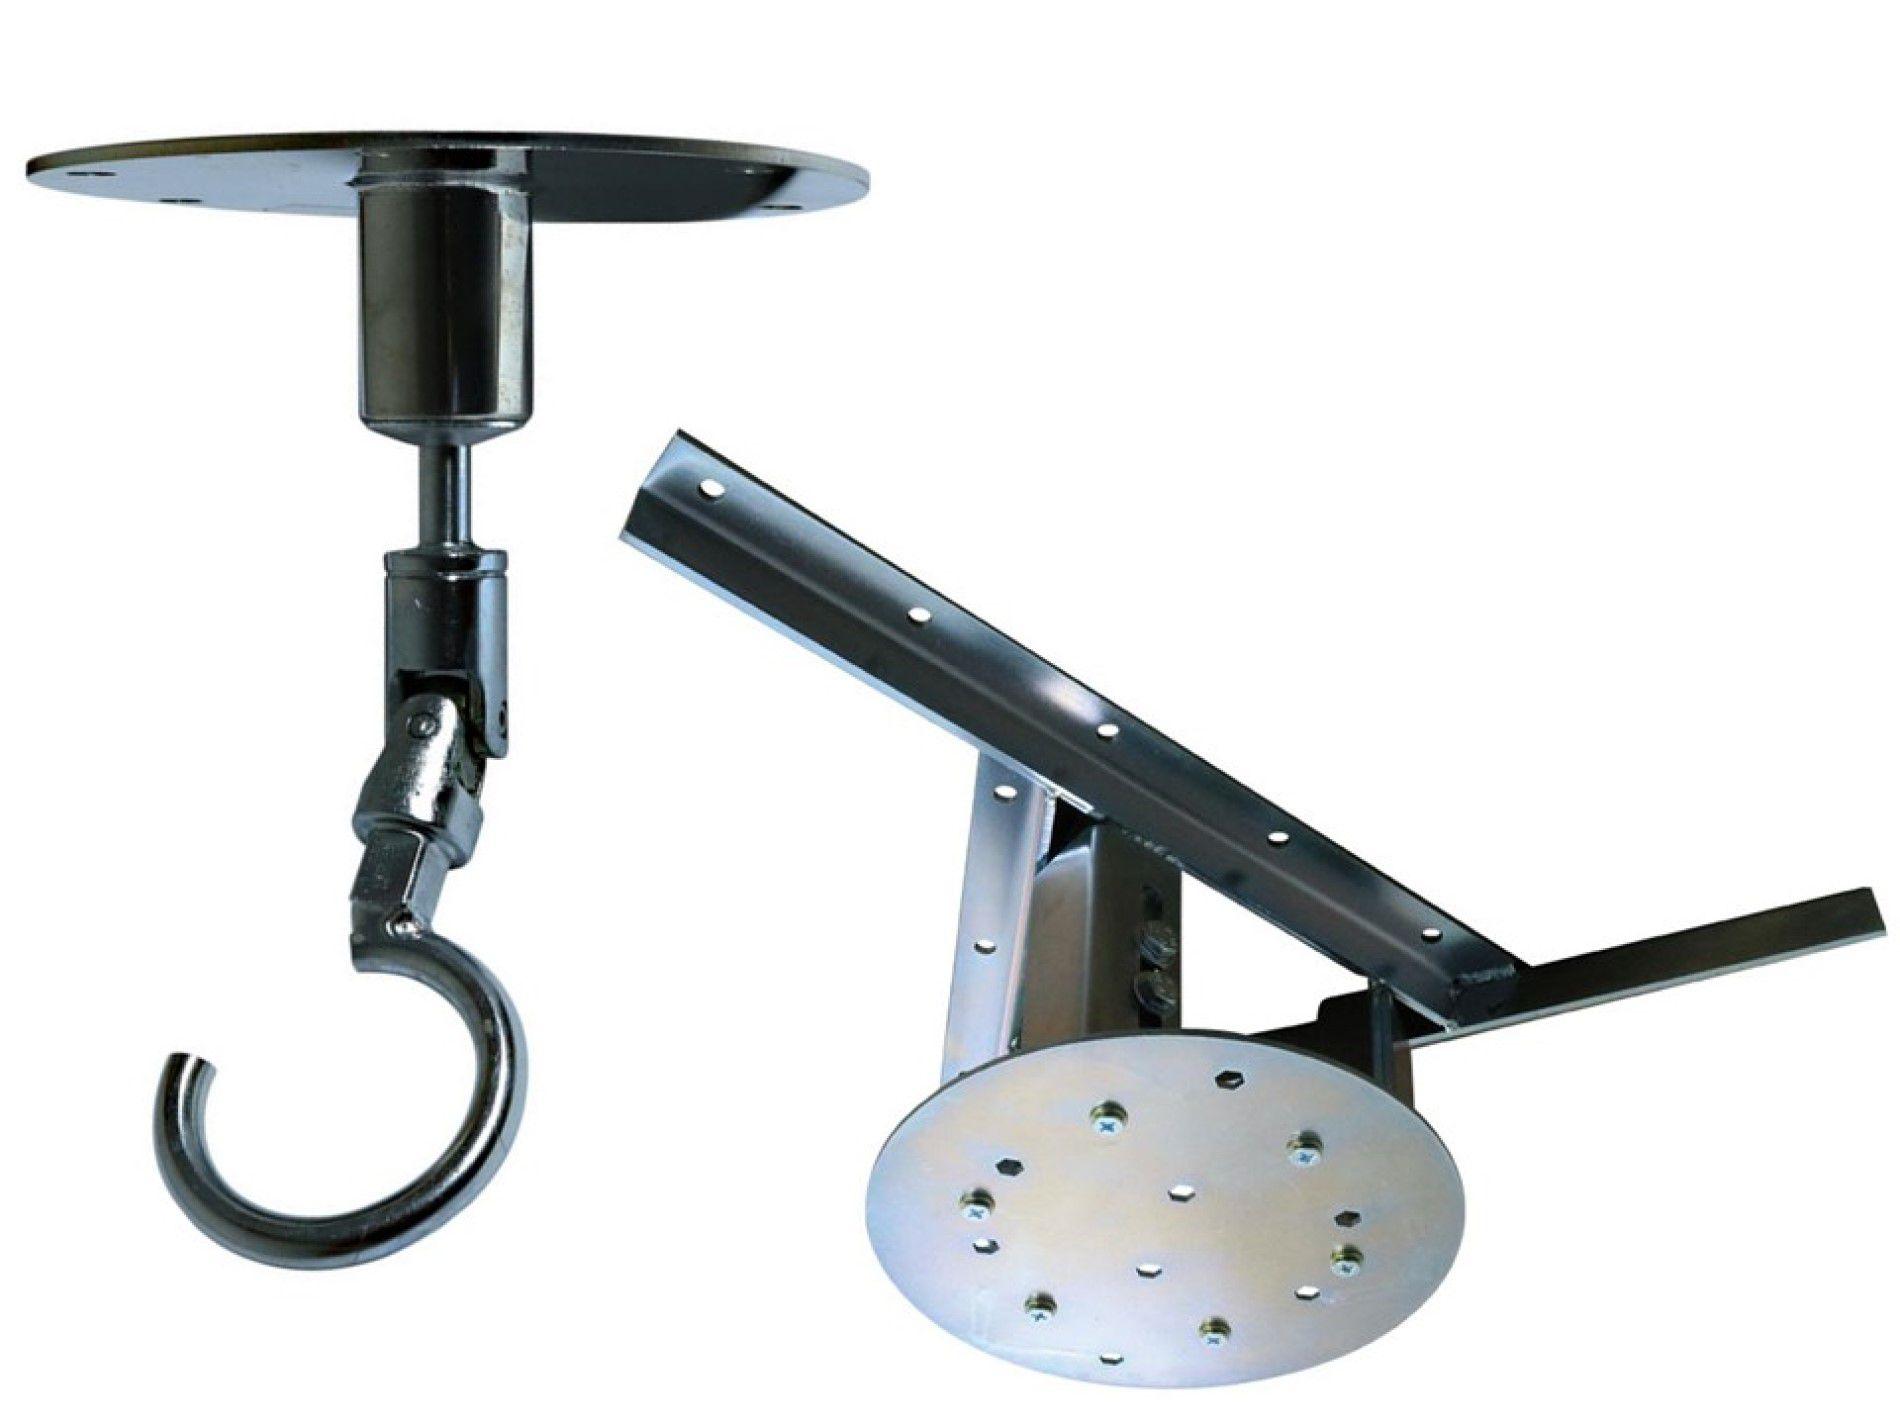 Kit extensor ajustável para teto com forro de gesso - 37 a 60 cm + gancho giratório